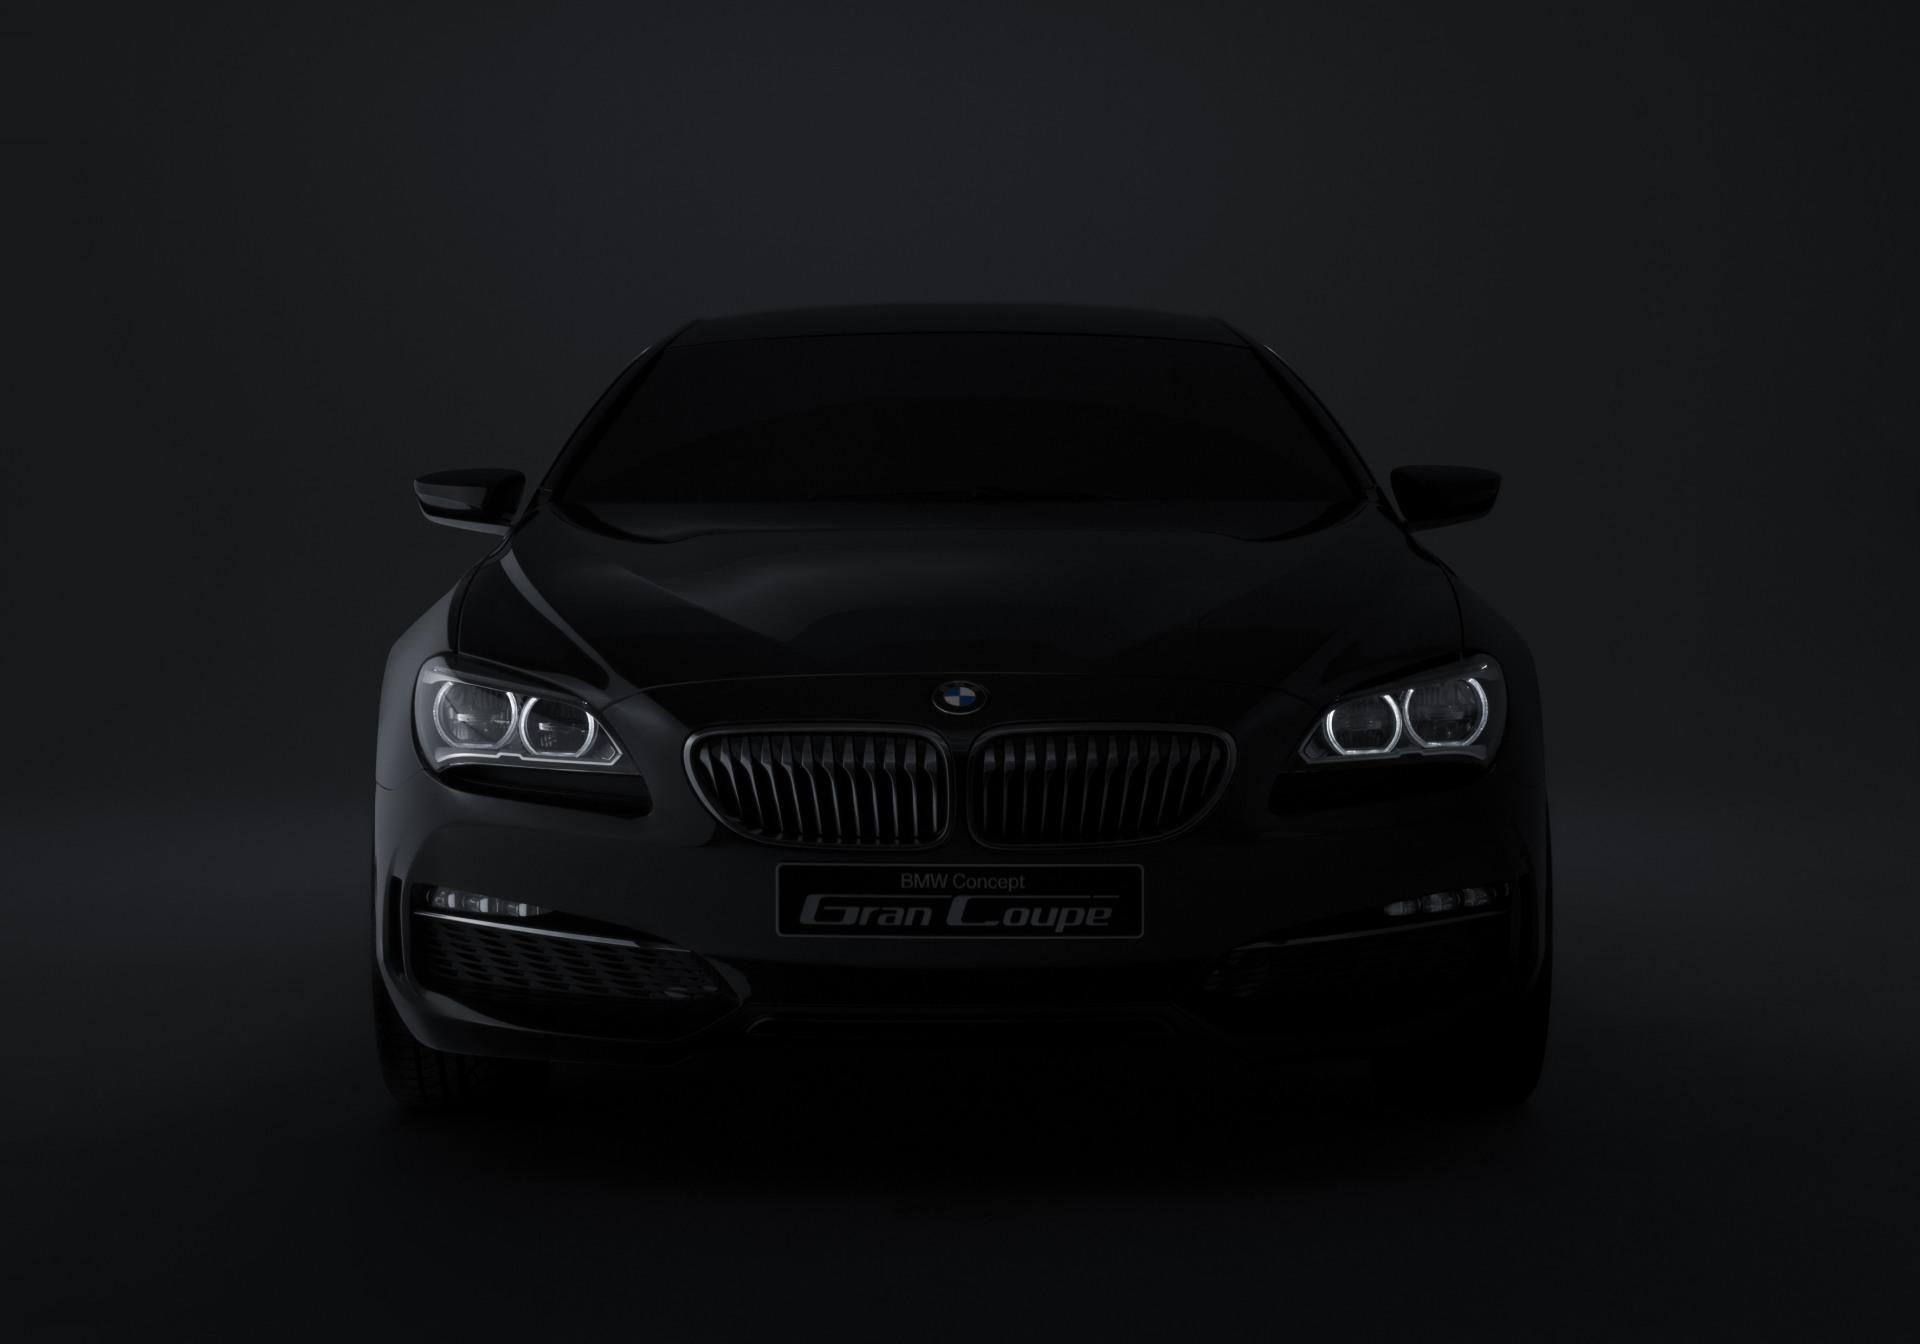 2010 BMW Concept Gran Coupé Image. https://www.conceptcarz.com ...